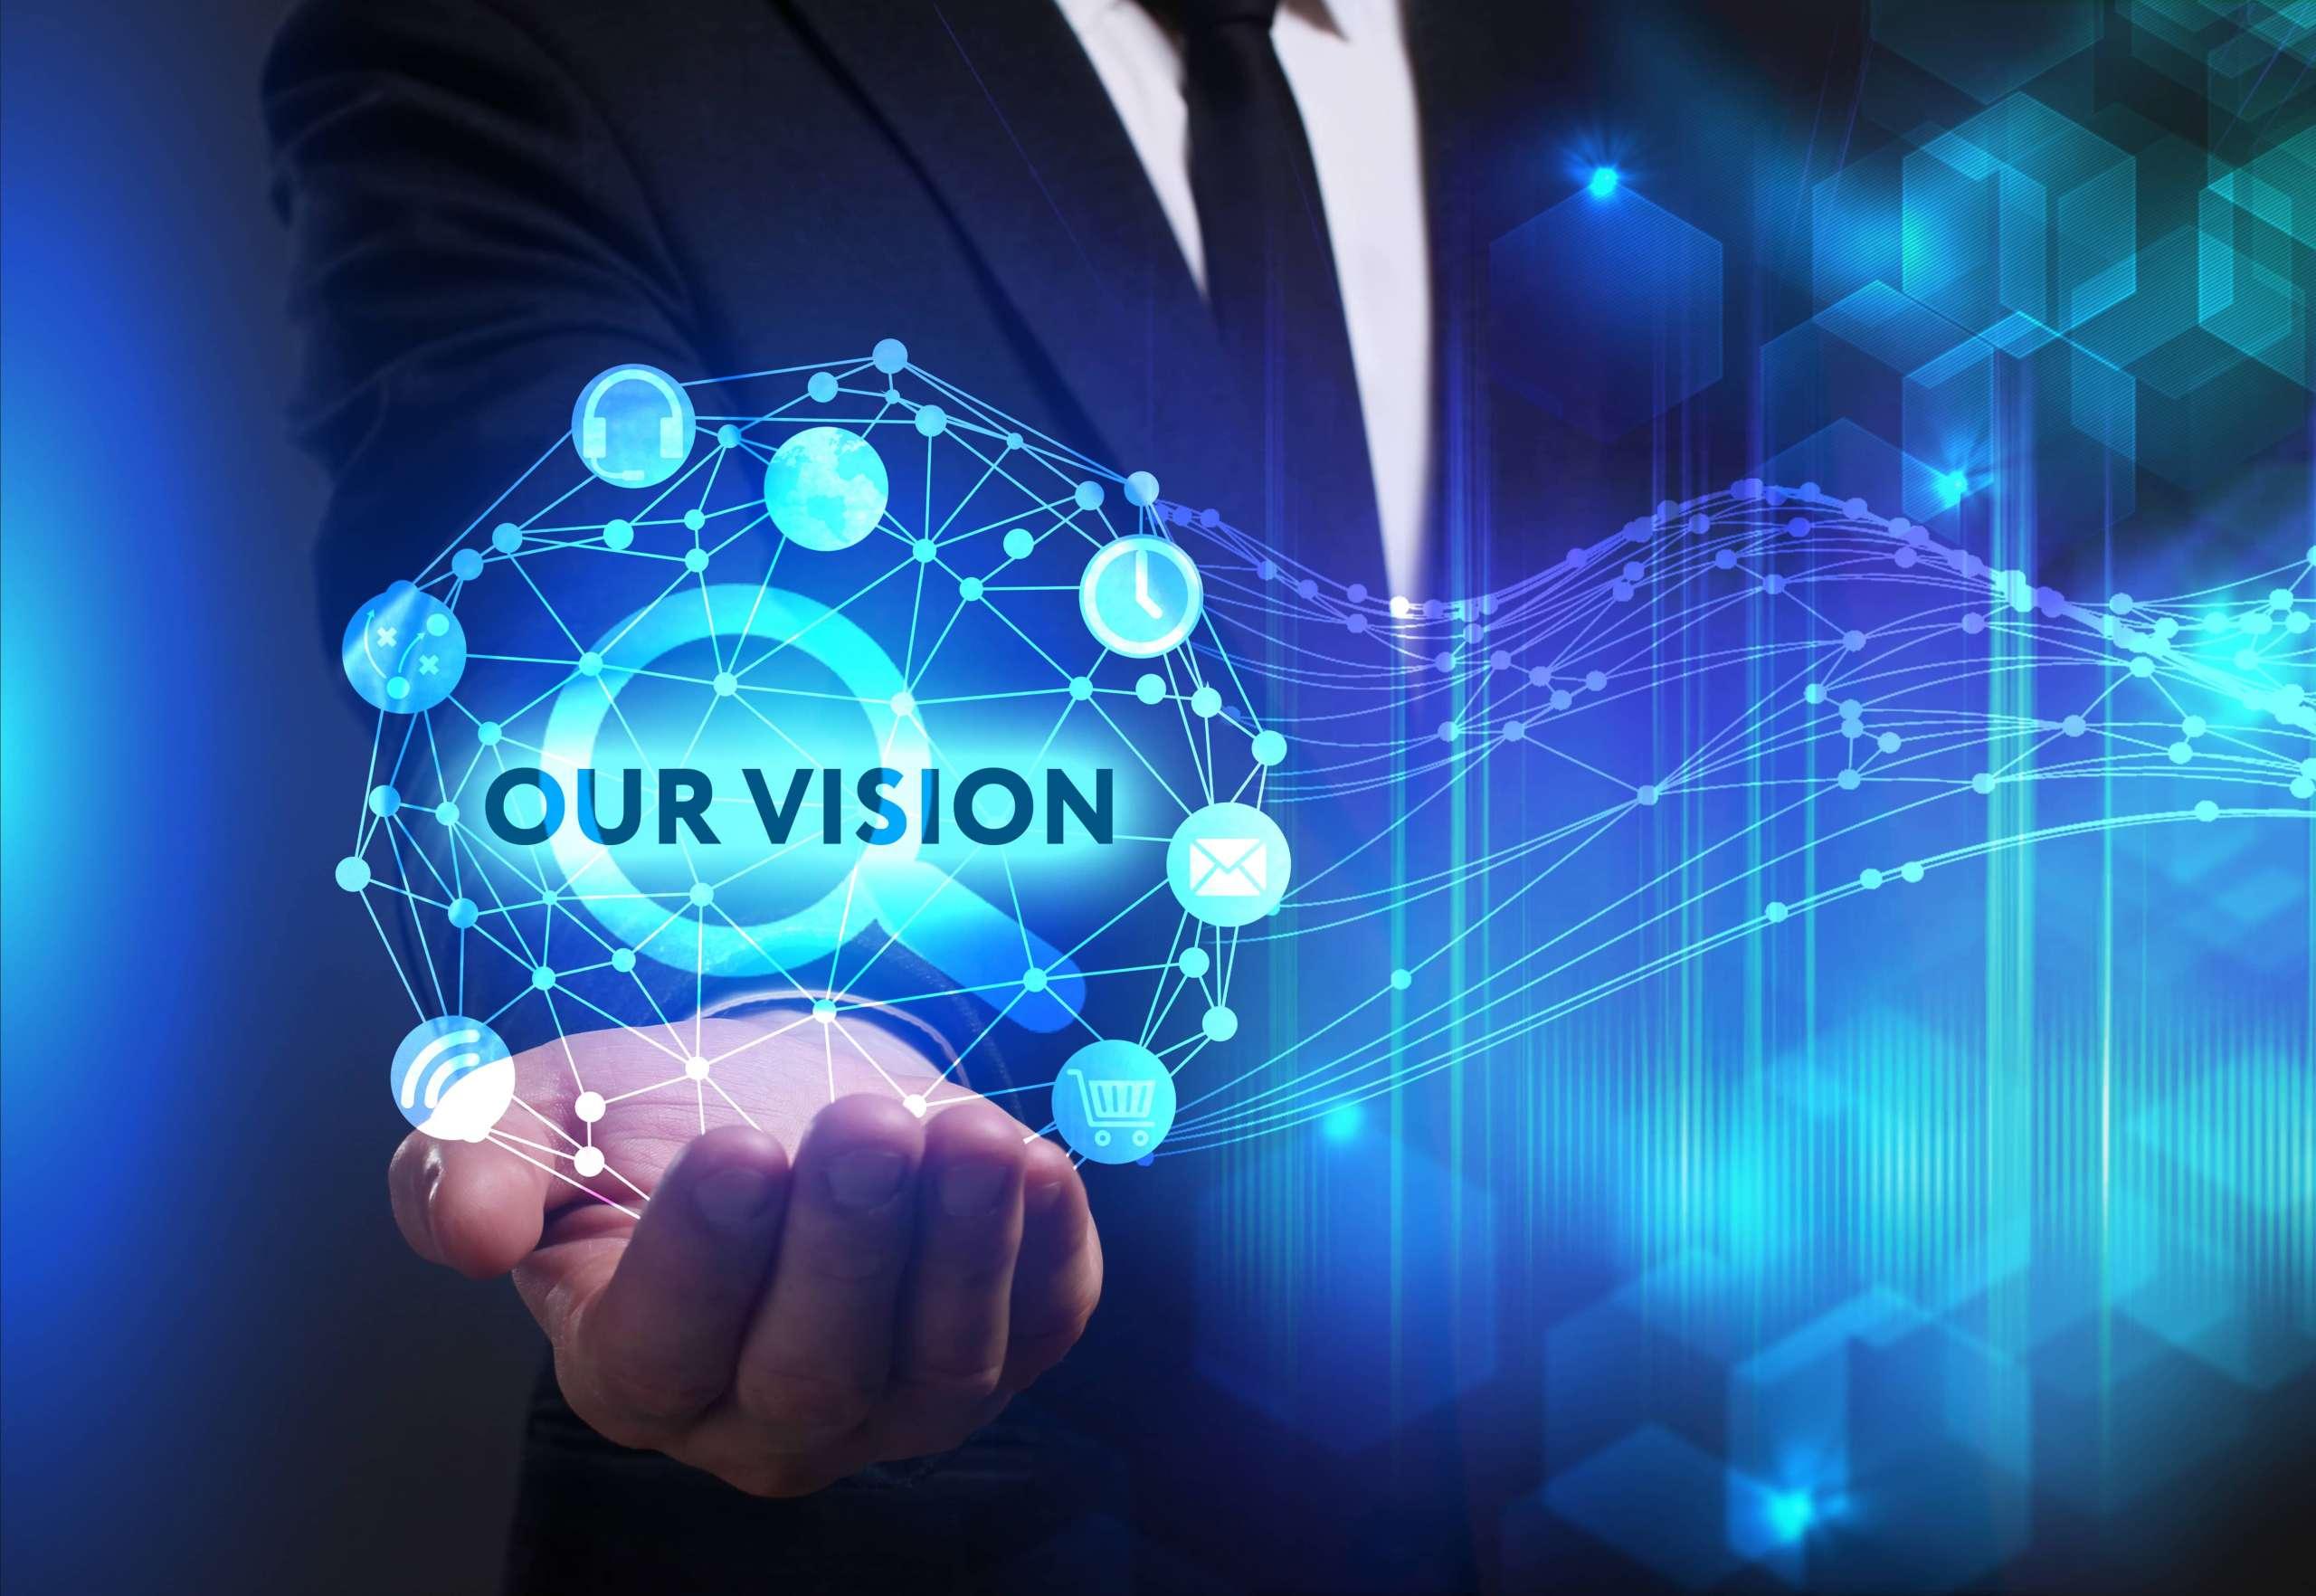 viziune asigurată îmbunătățiți vederea timp de câteva minute